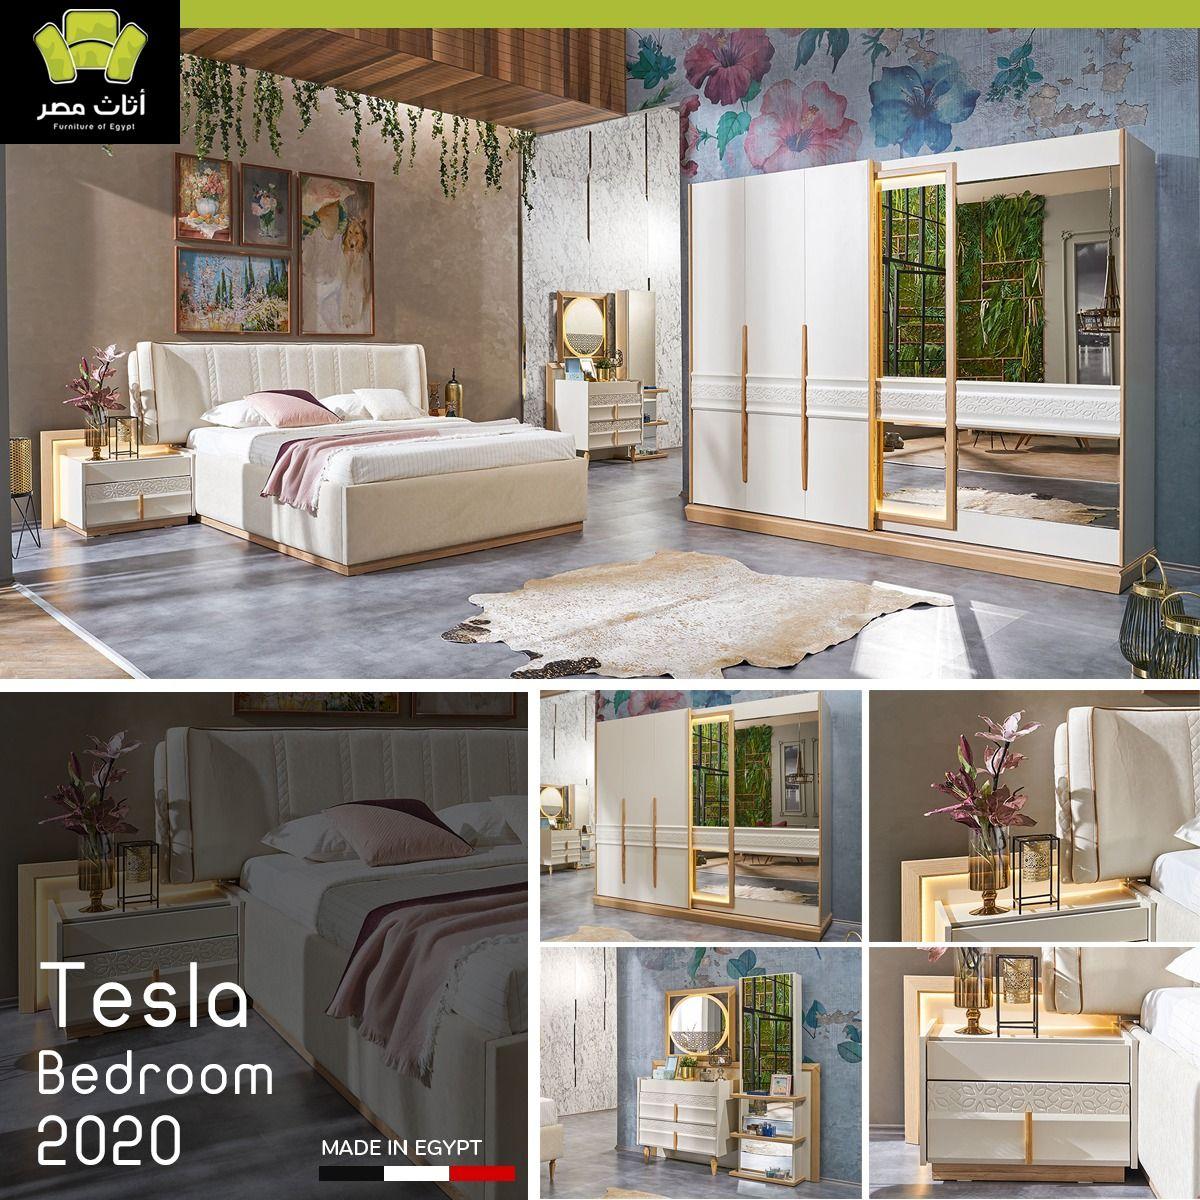 غرفة نوم تسلا 2020 فقط وحصريا من شركة أثاث مصر Grey Bedroom Decor Bedroom Bed Design Small Apartment Design